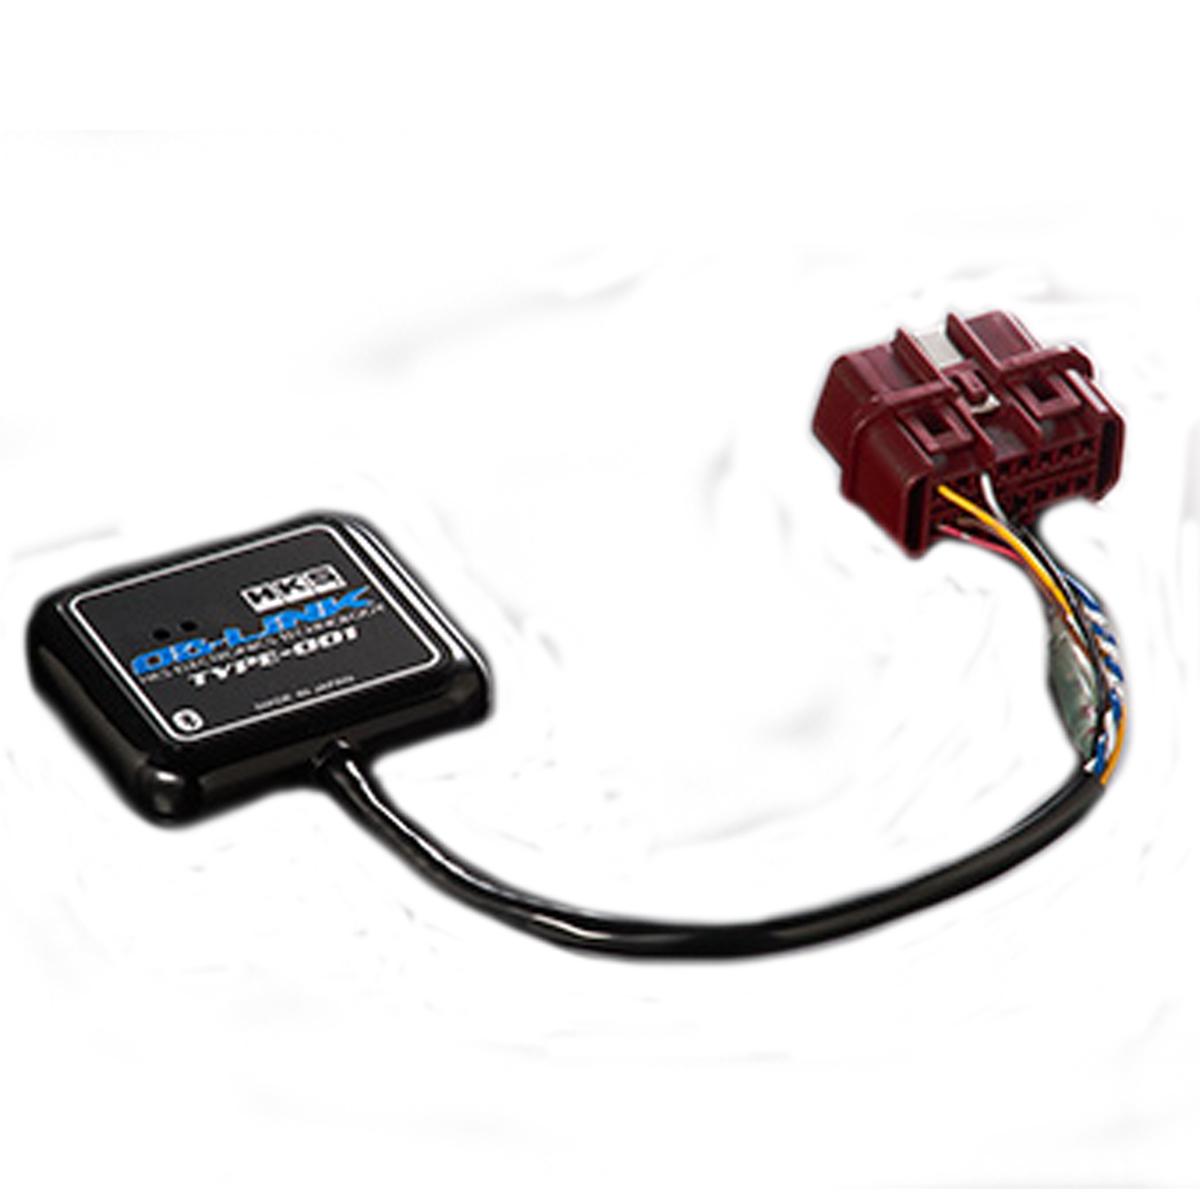 ウィッシュ モニター OBリンク タイプ 001 ANE10G HKS 44009-AK002 エレクトリニクス 個人宅発送追金有